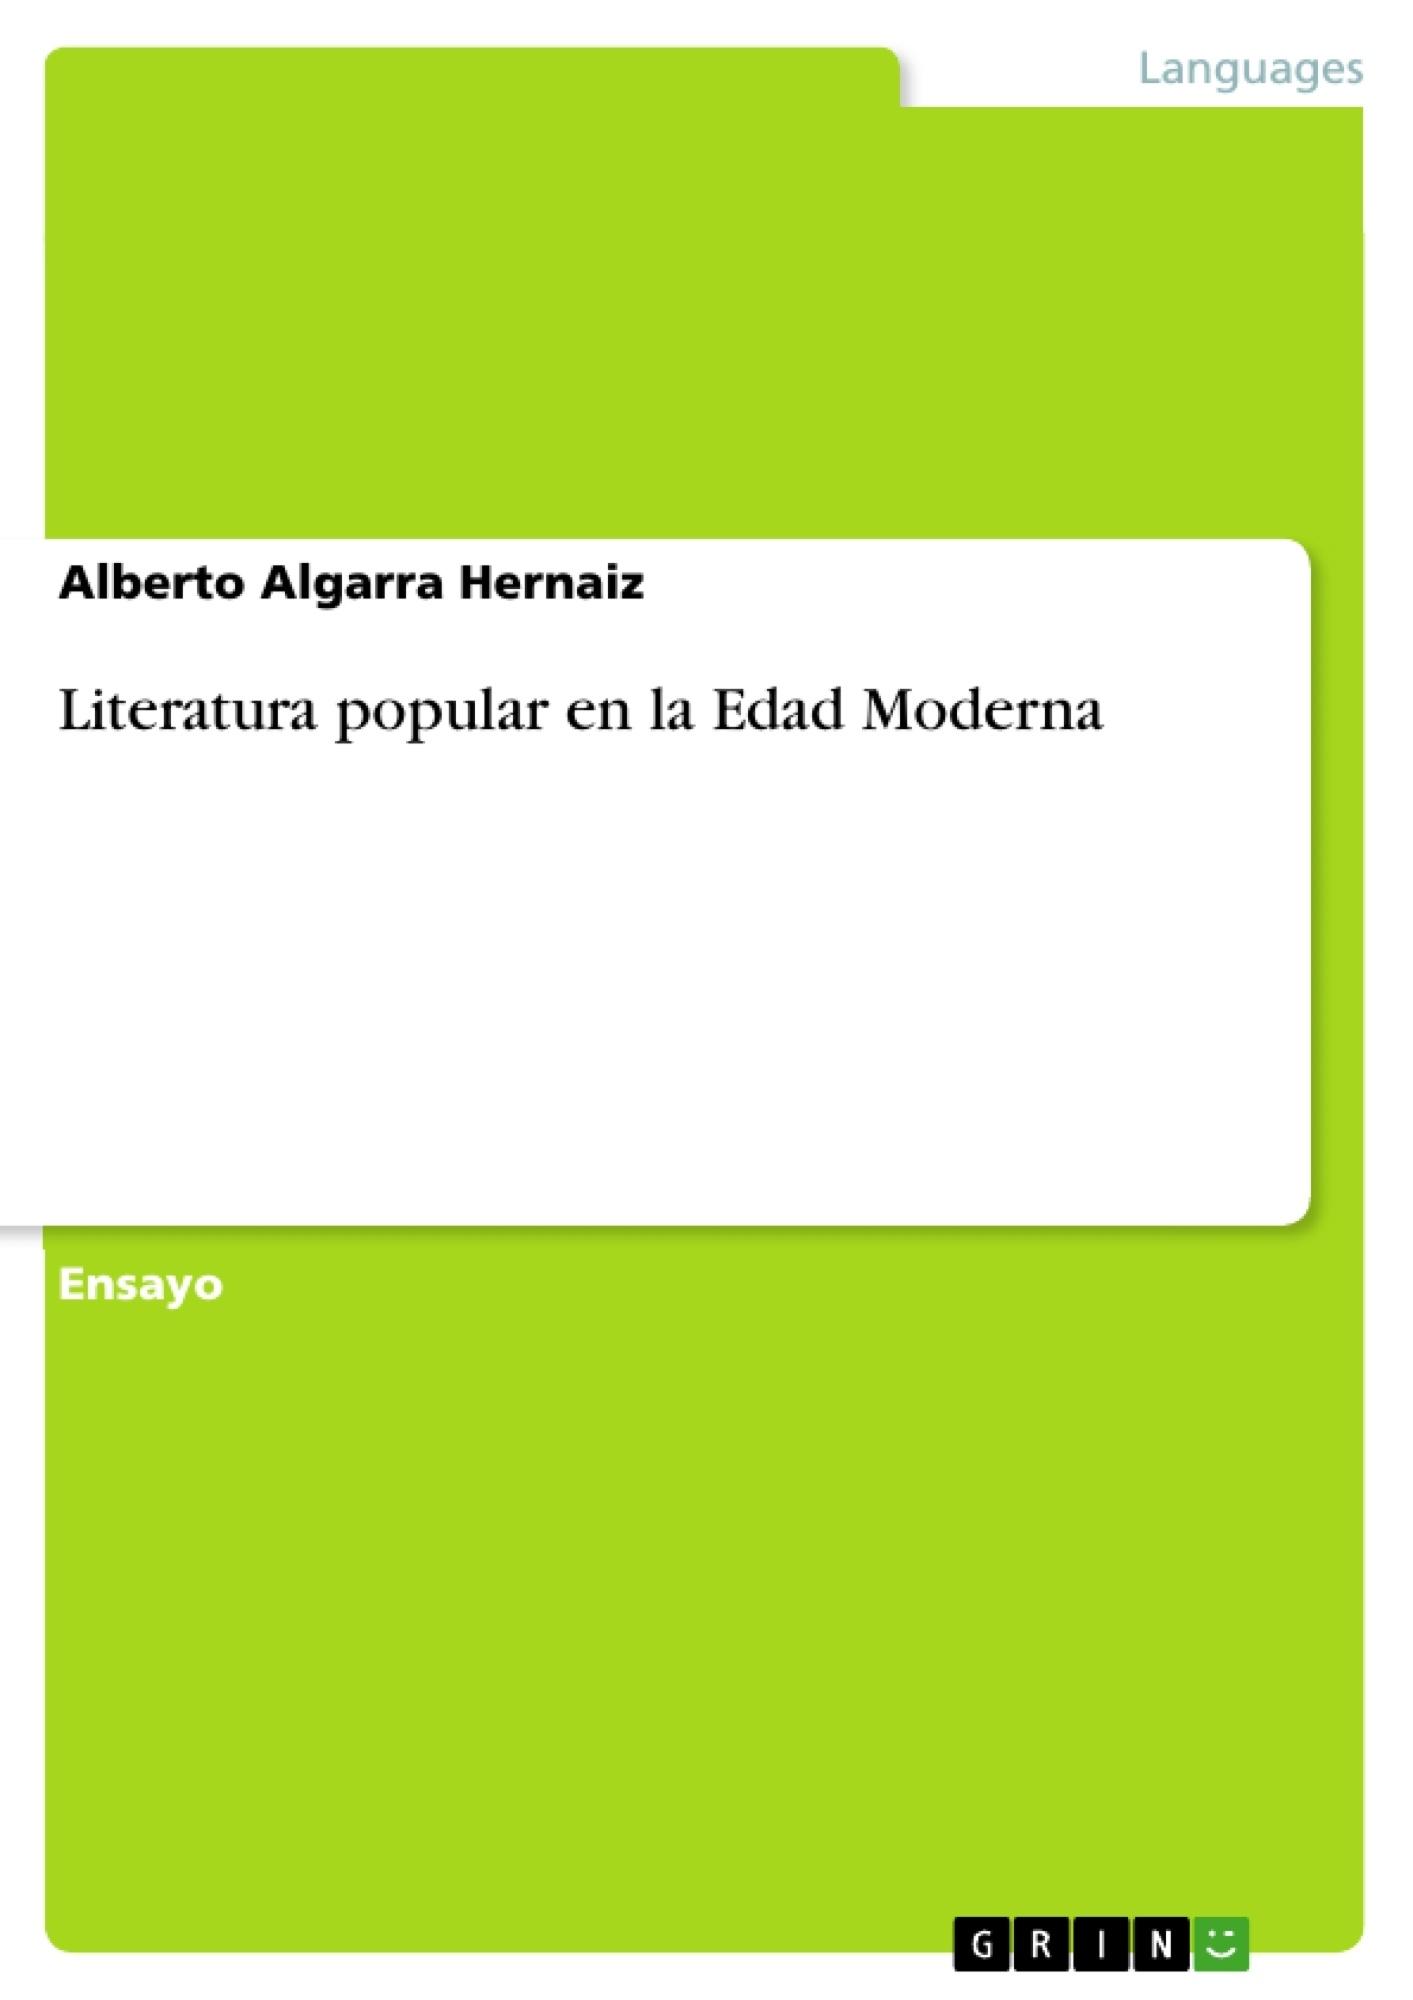 Título: Literatura popular en la Edad Moderna